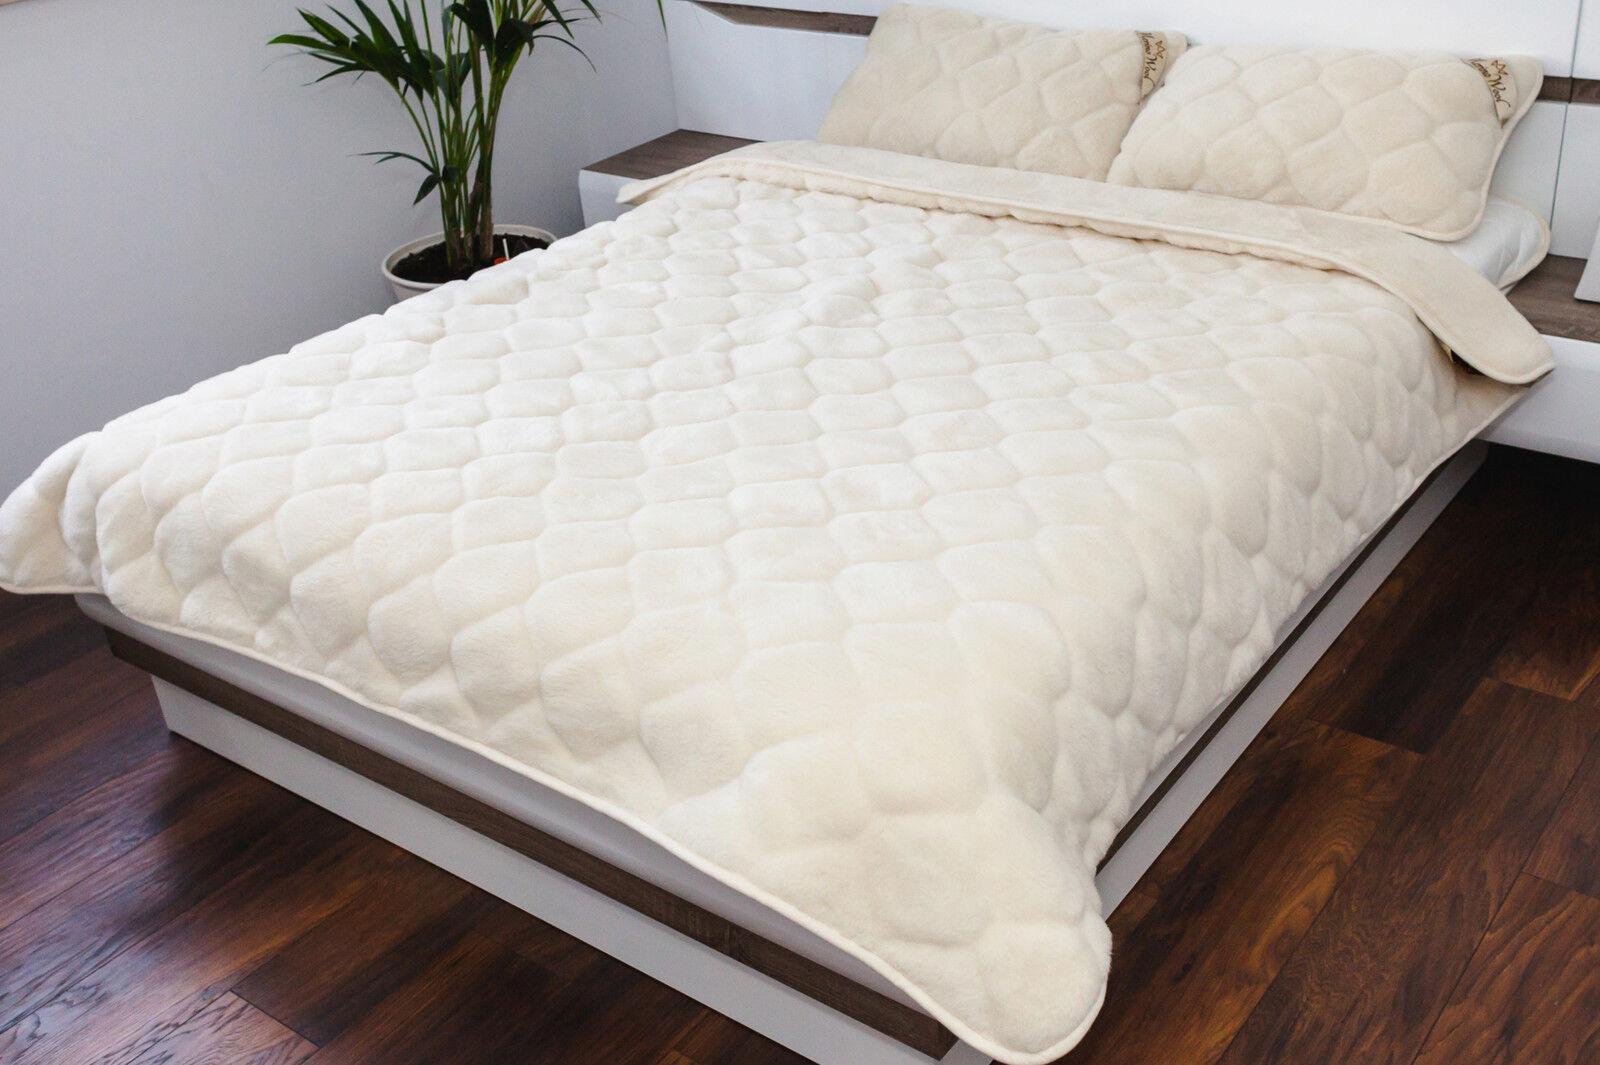 merinowolle kaschmir bettdecke 100 nat rlich alle gr en mit liebe ebay. Black Bedroom Furniture Sets. Home Design Ideas